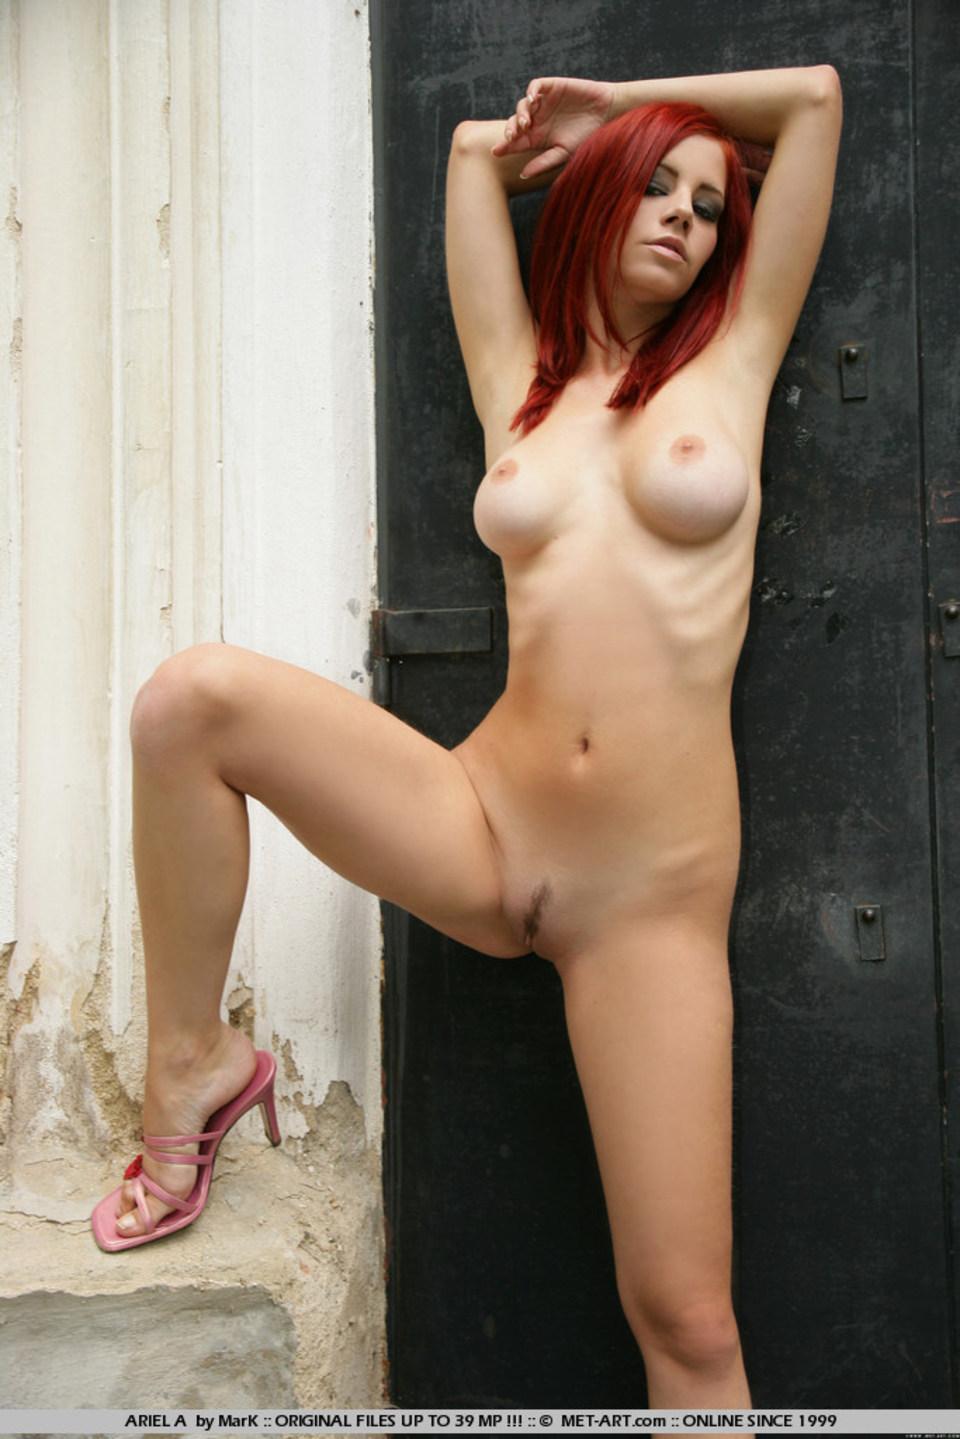 Фото сексуальных девушек америки 26 фотография